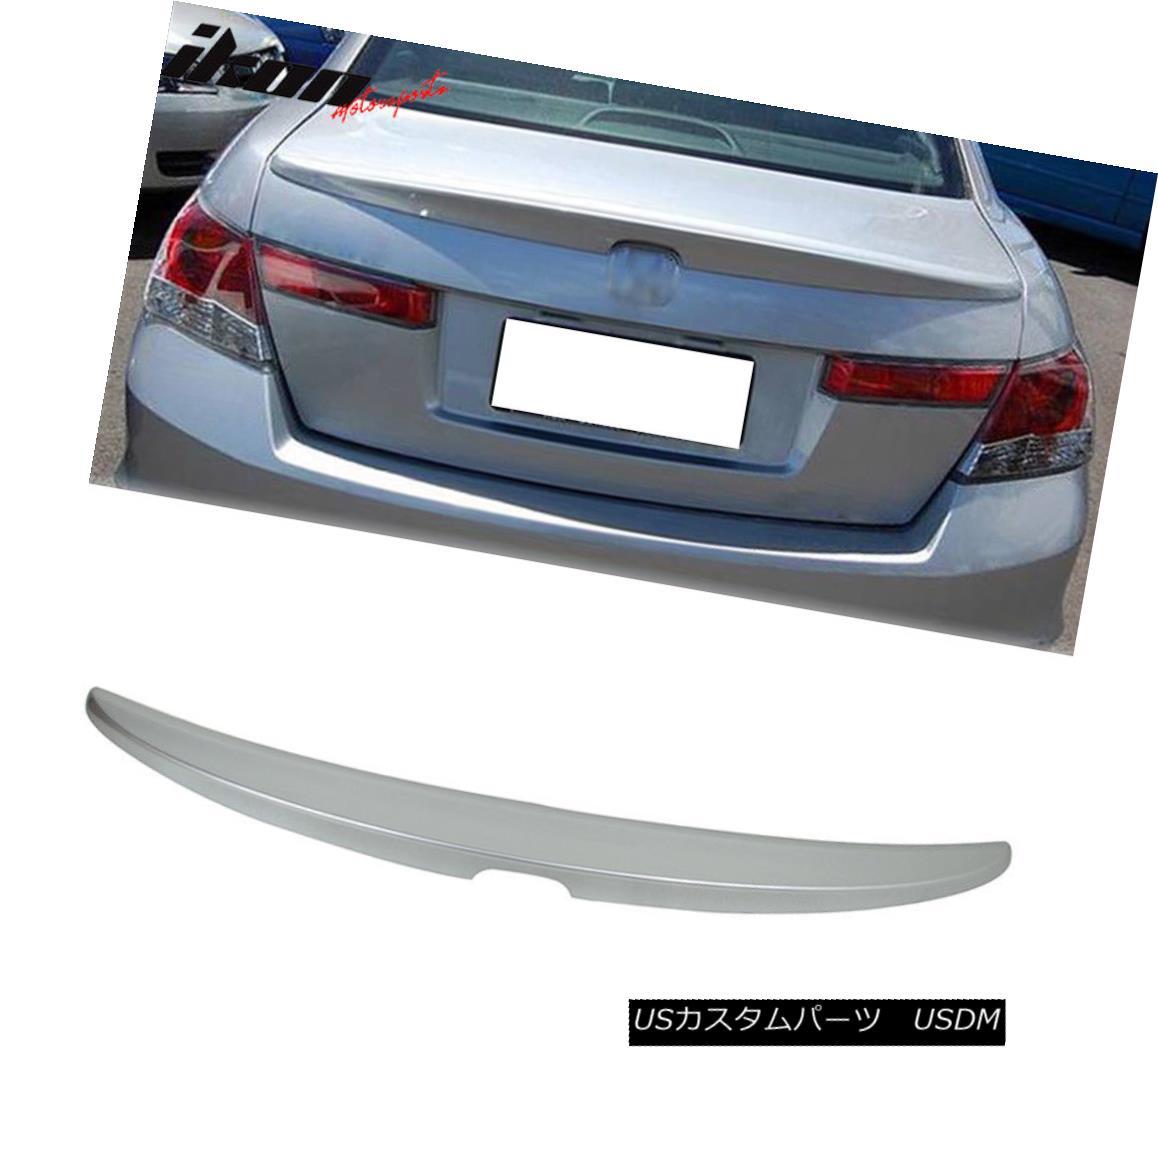 エアロパーツ Fits 08-12 Honda Accord Sedan Trunk Spoiler Painted #NH700M Alabaster Silver フィット08-12ホンダアコードセダントランクスポイラー塗装#NH700Mアラバスターシルバー